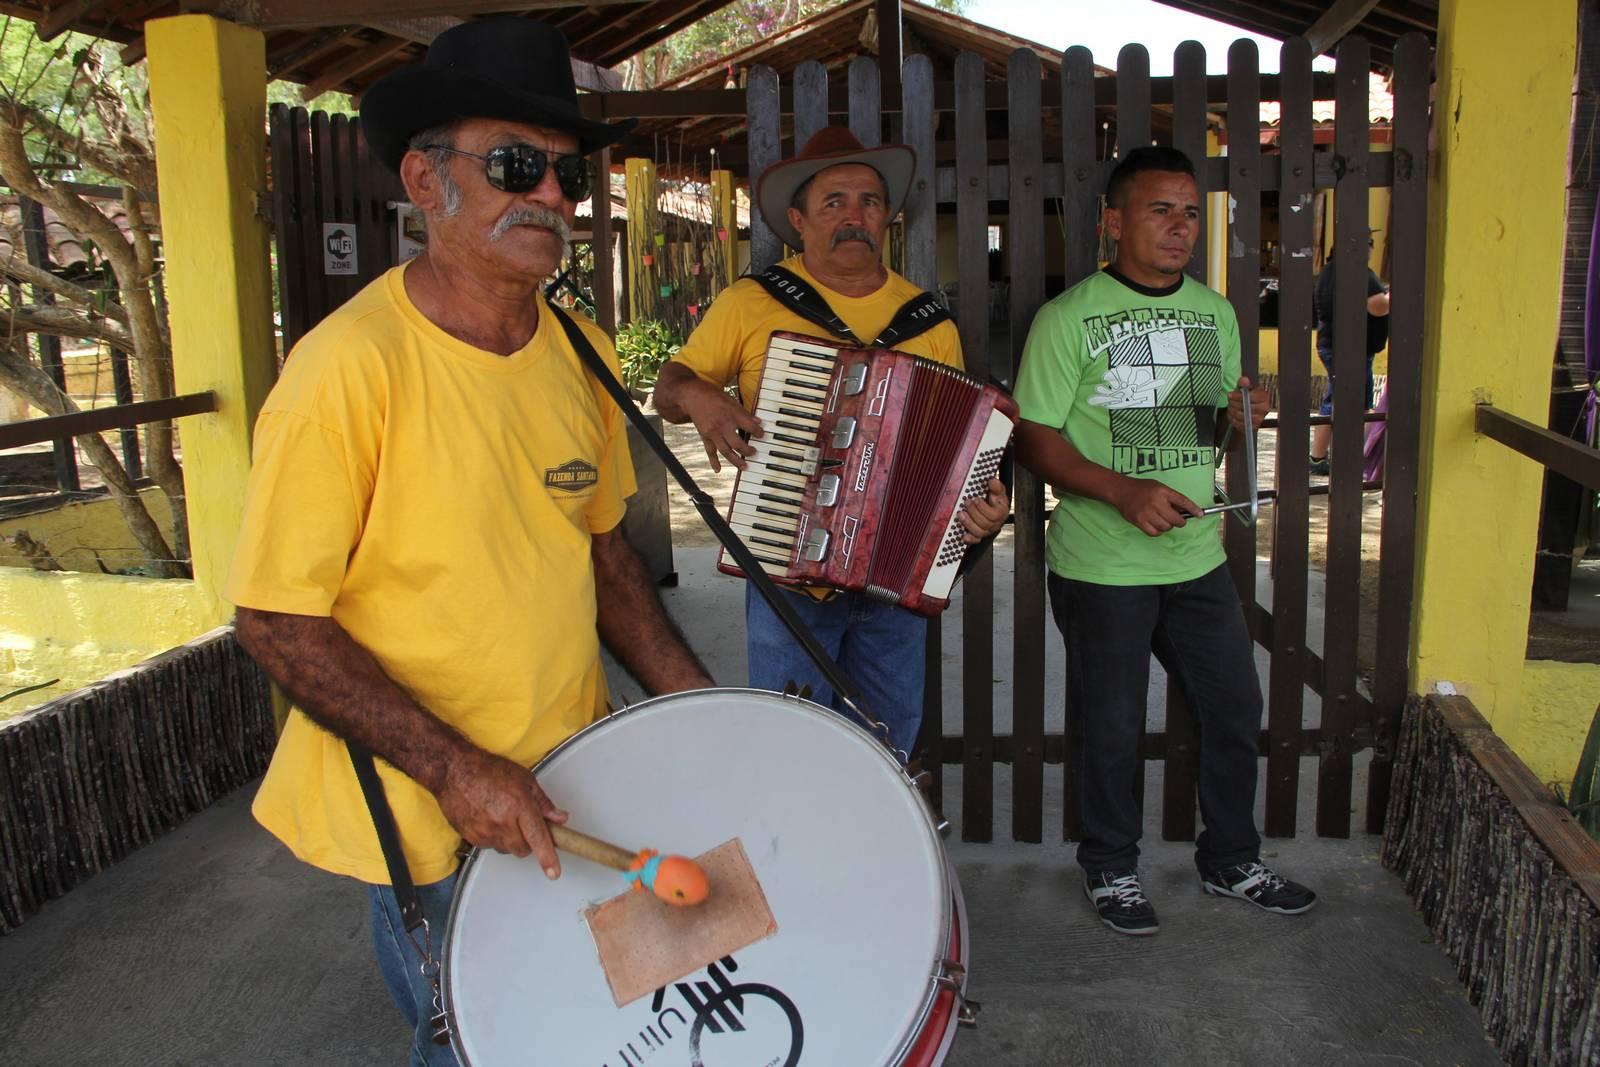 Momento de Festa e Confraternização - IV Encontro Reginal do Nordeste (5)